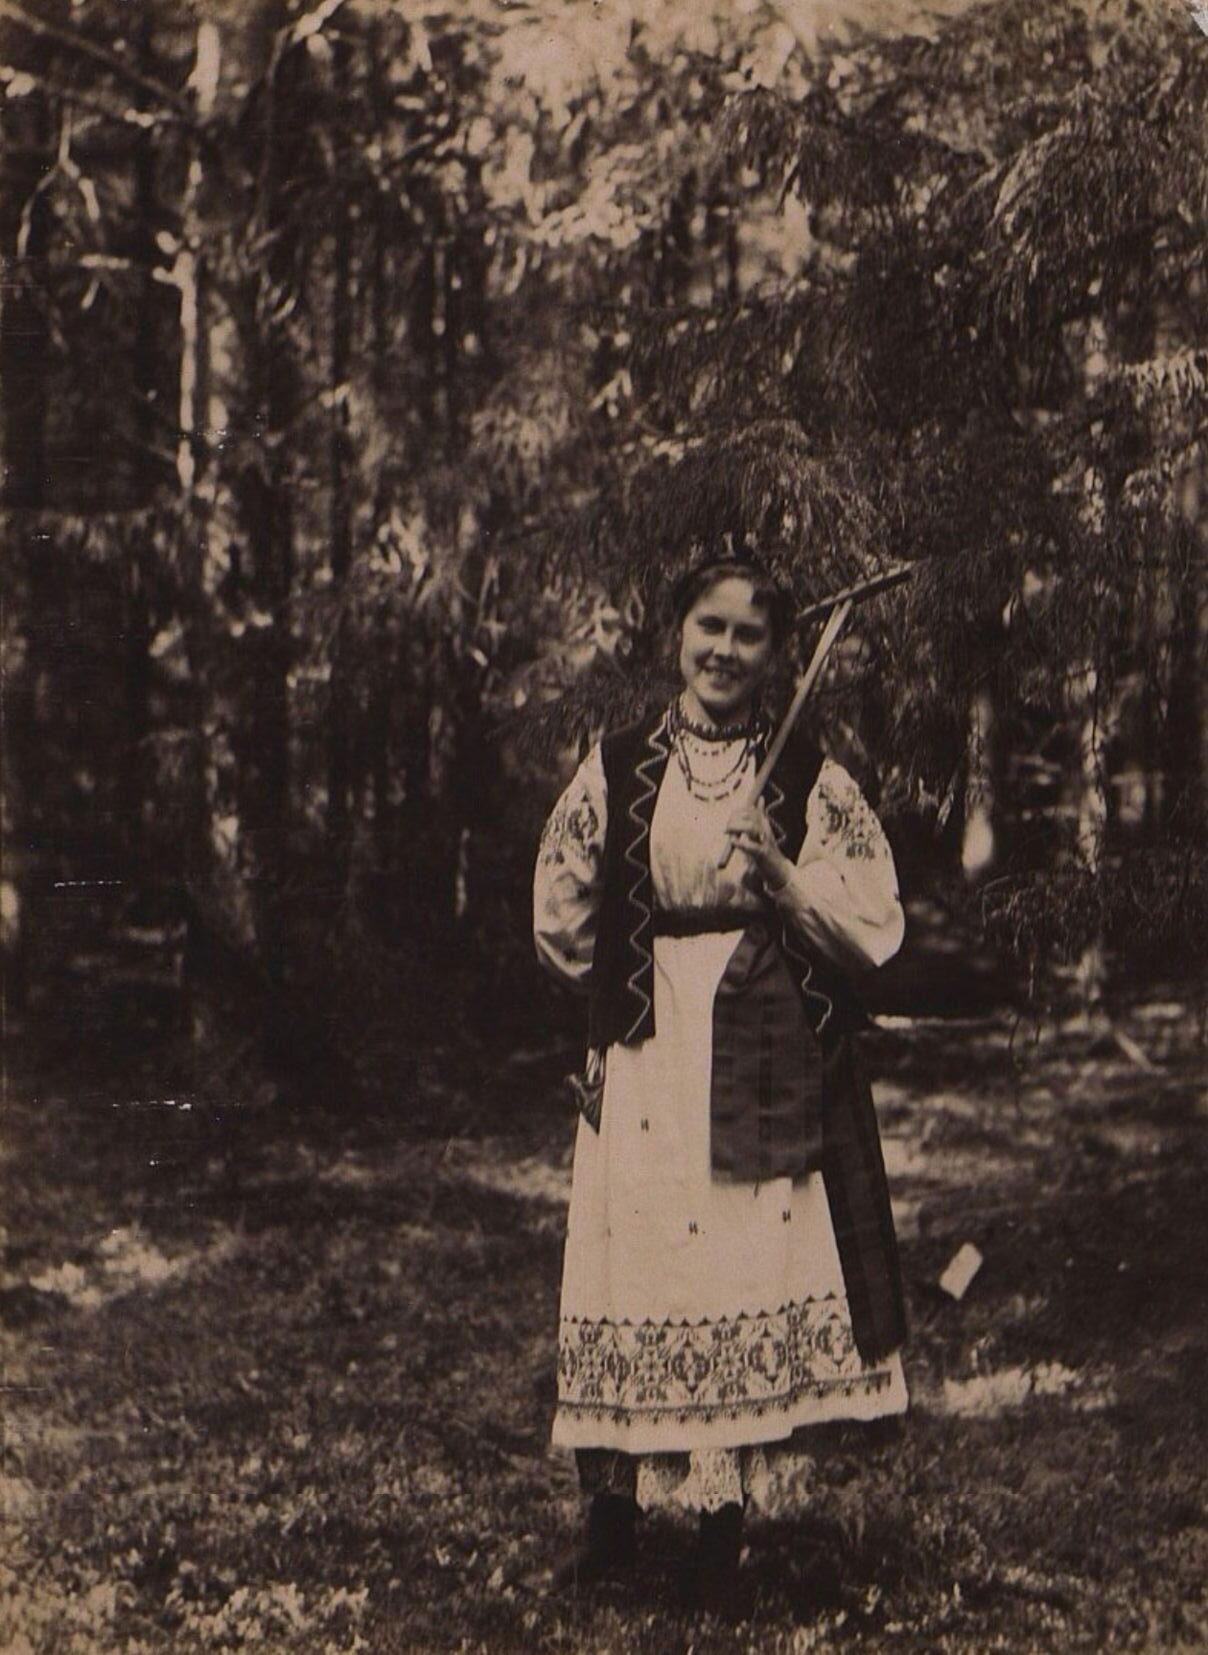 Неизвестная с граблями в лесу. 1896 г.